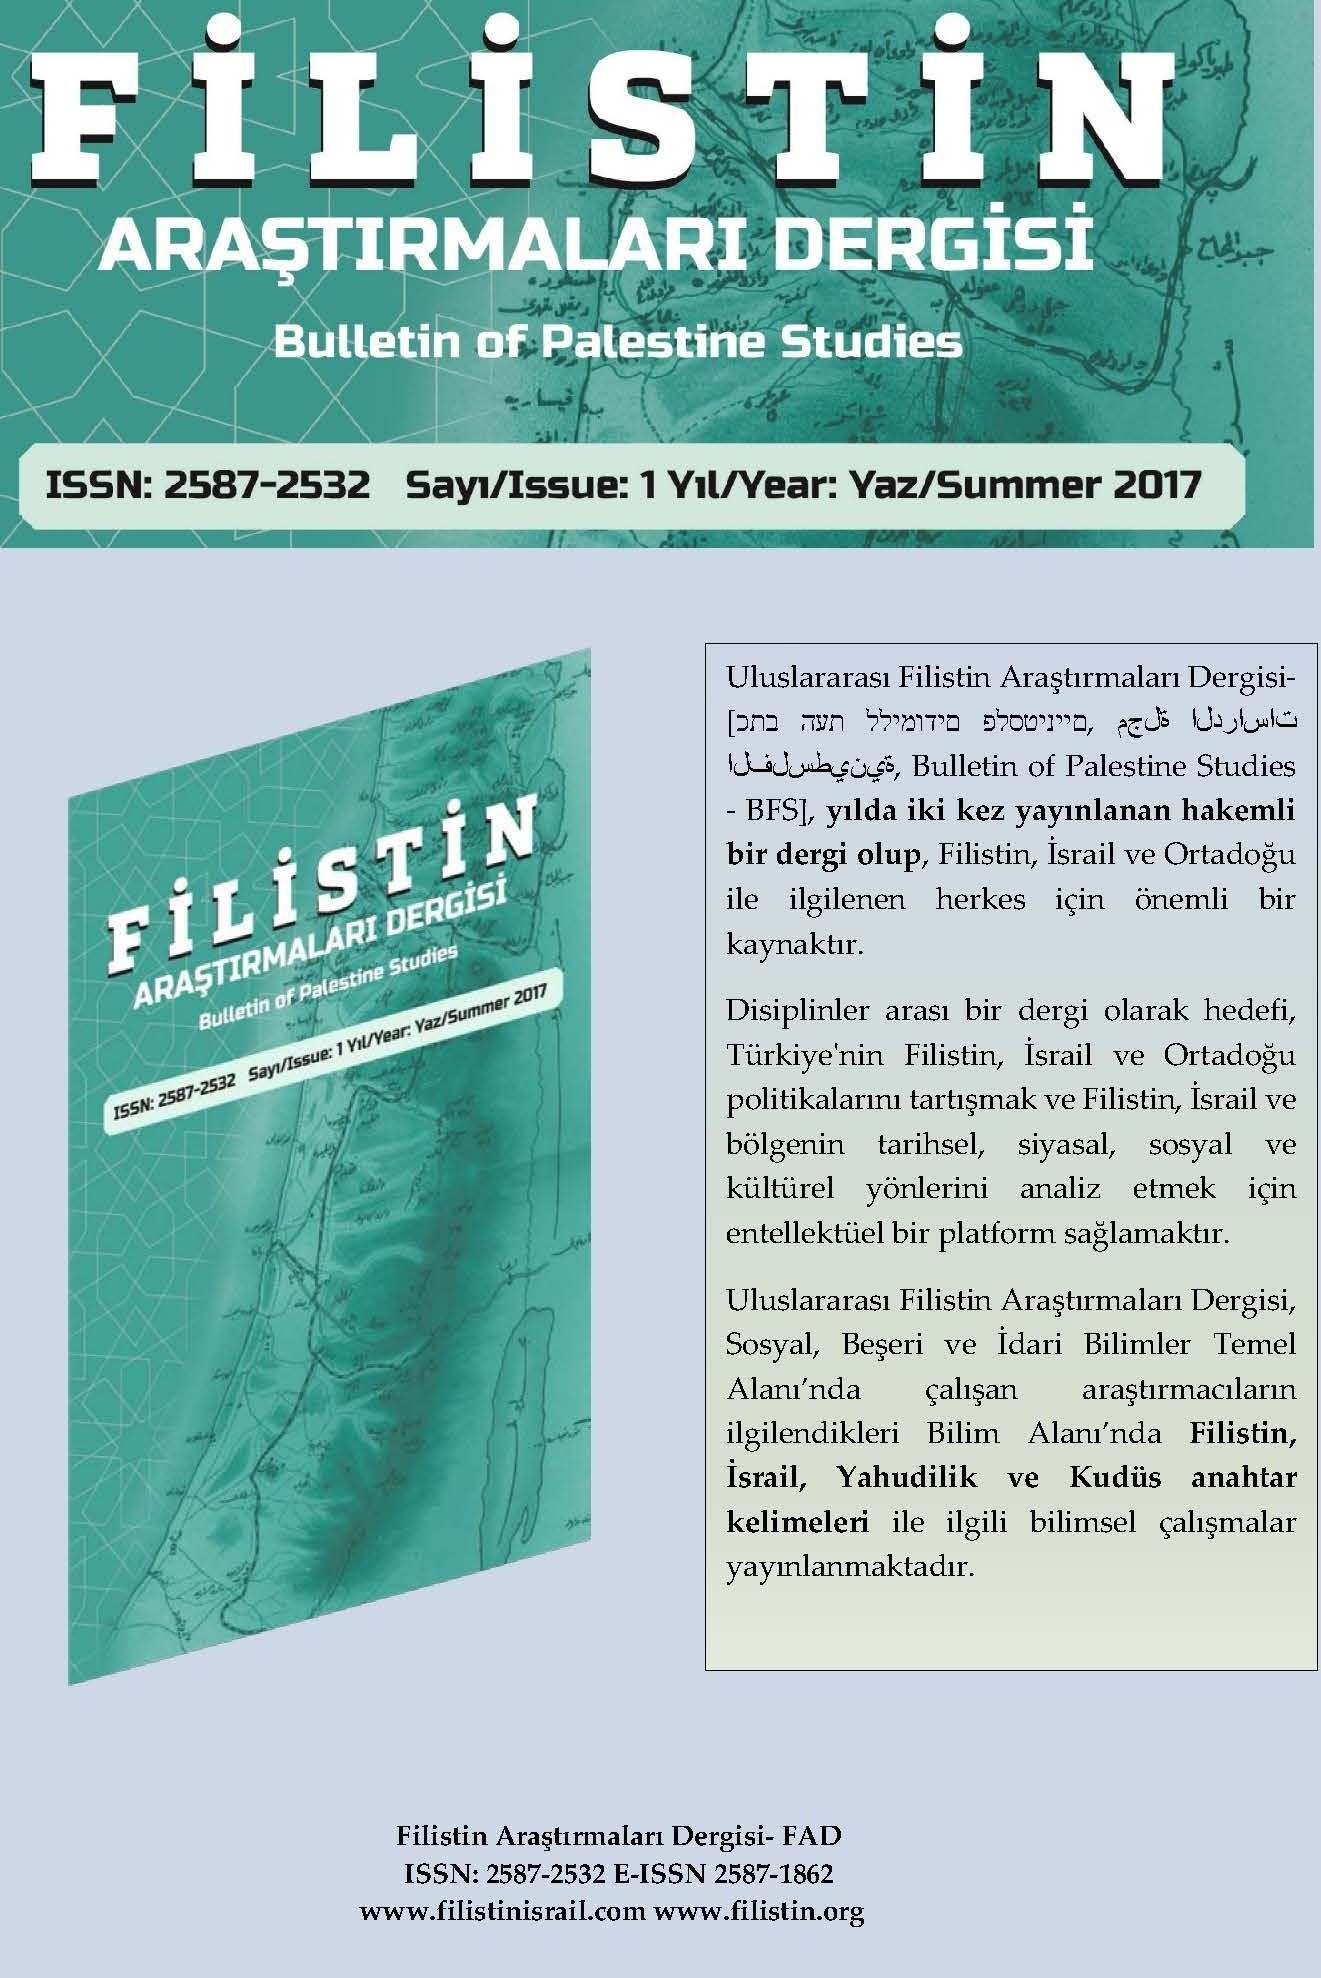 Filistin Araştırmaları Dergisi (FAD)